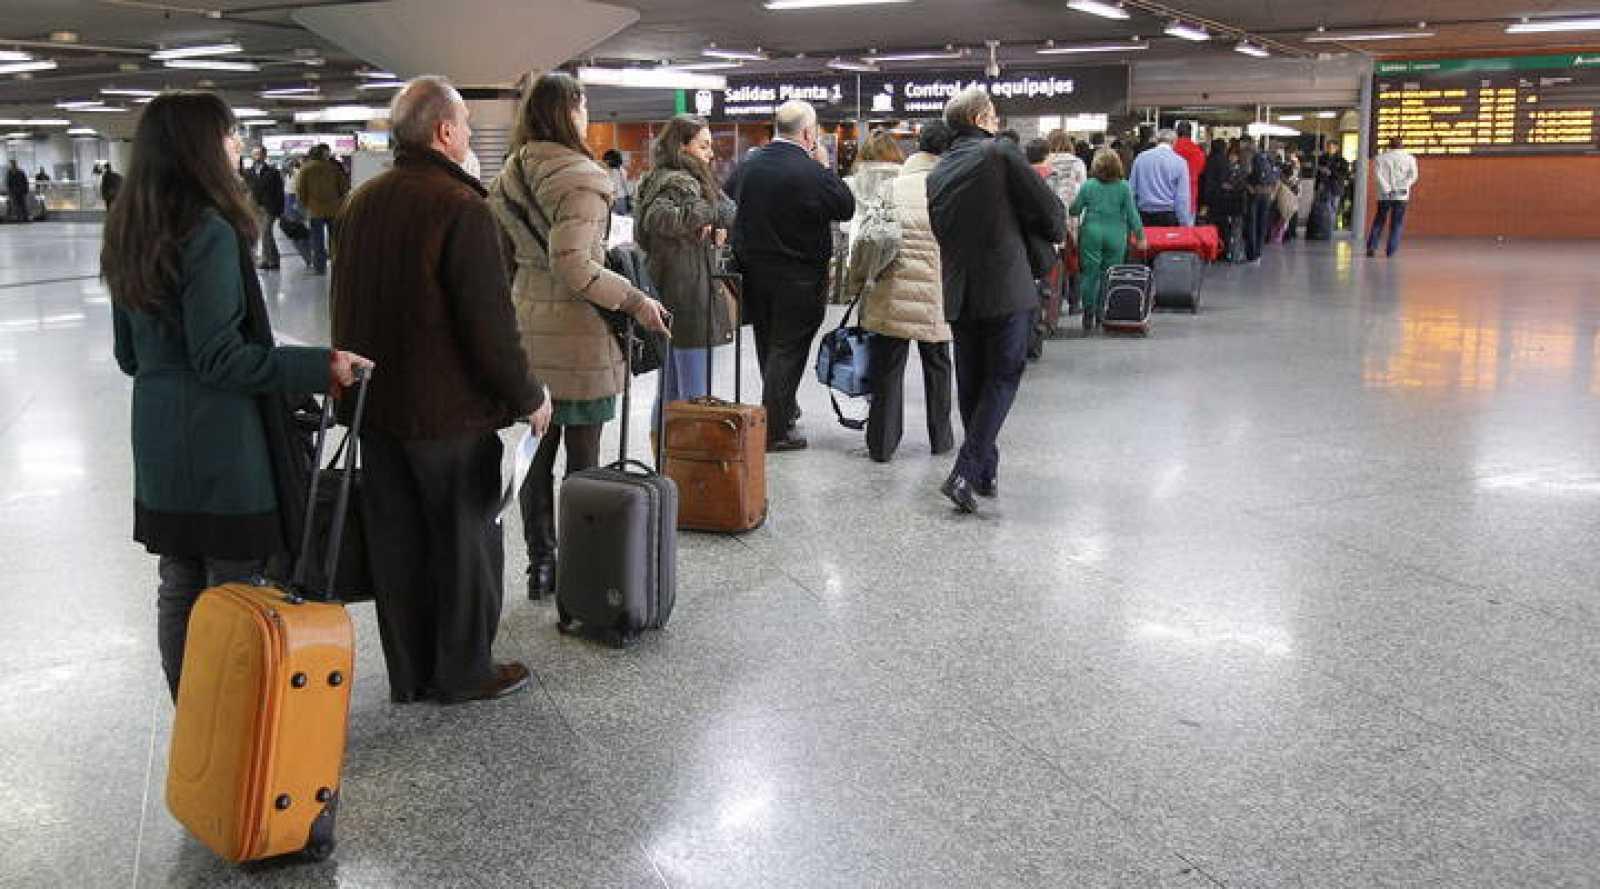 Varios viajeros hacen cola ante el control de equipajes en la estación de tren de Atocha, en Madrid